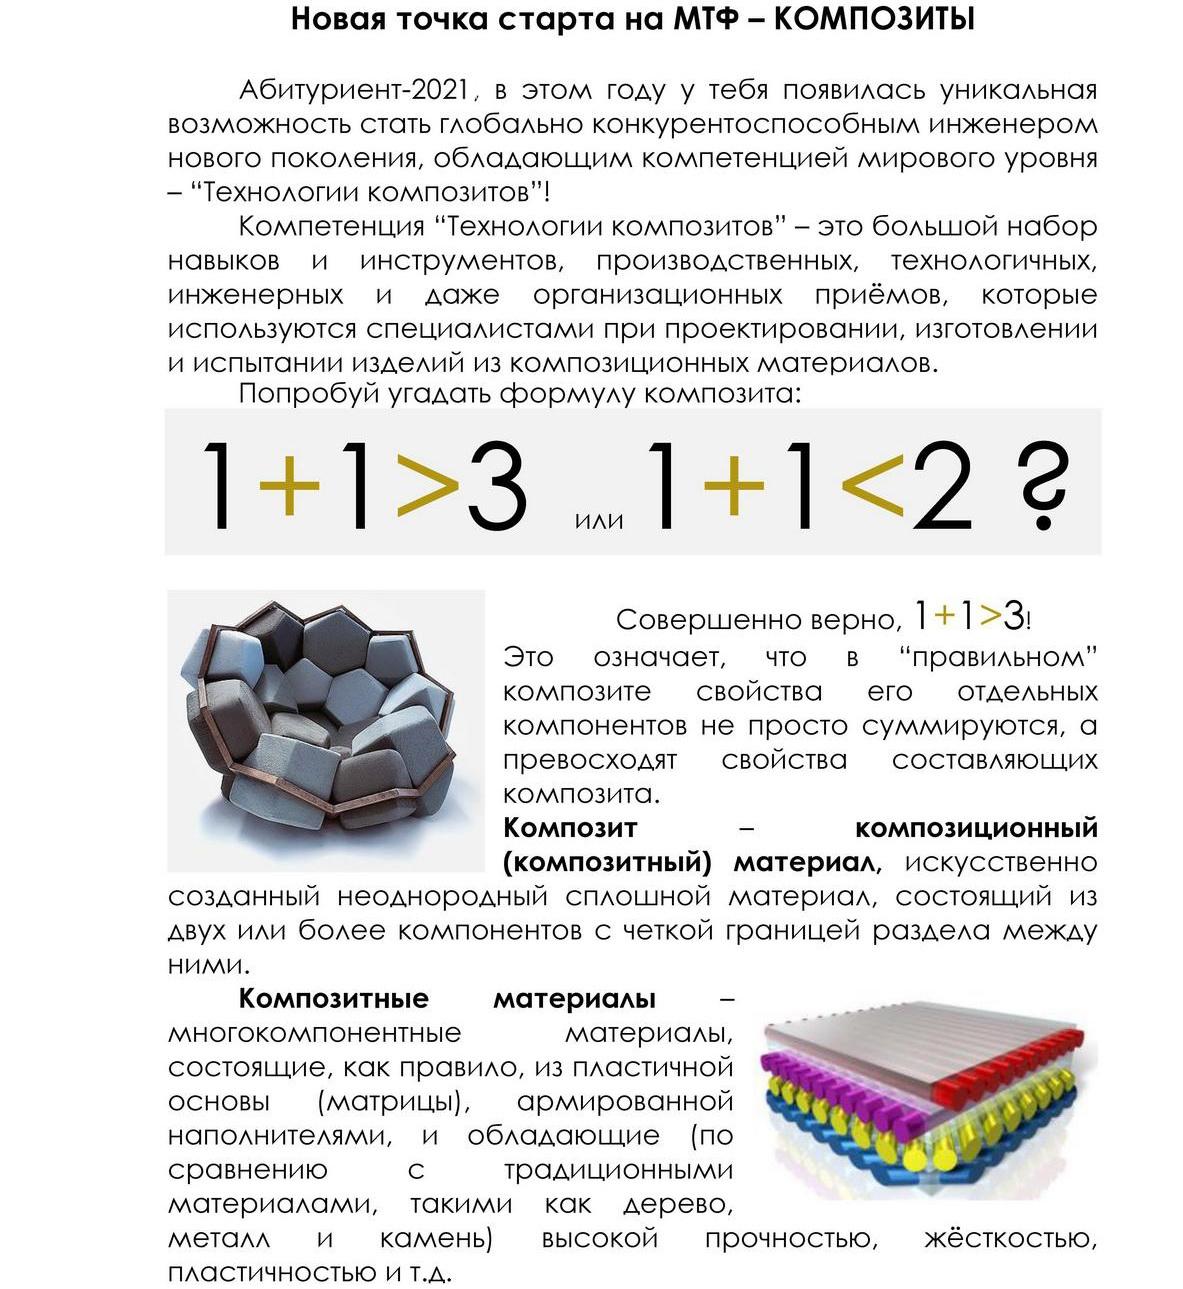 novaya_tochka_starta_na_mtf_1.jpg